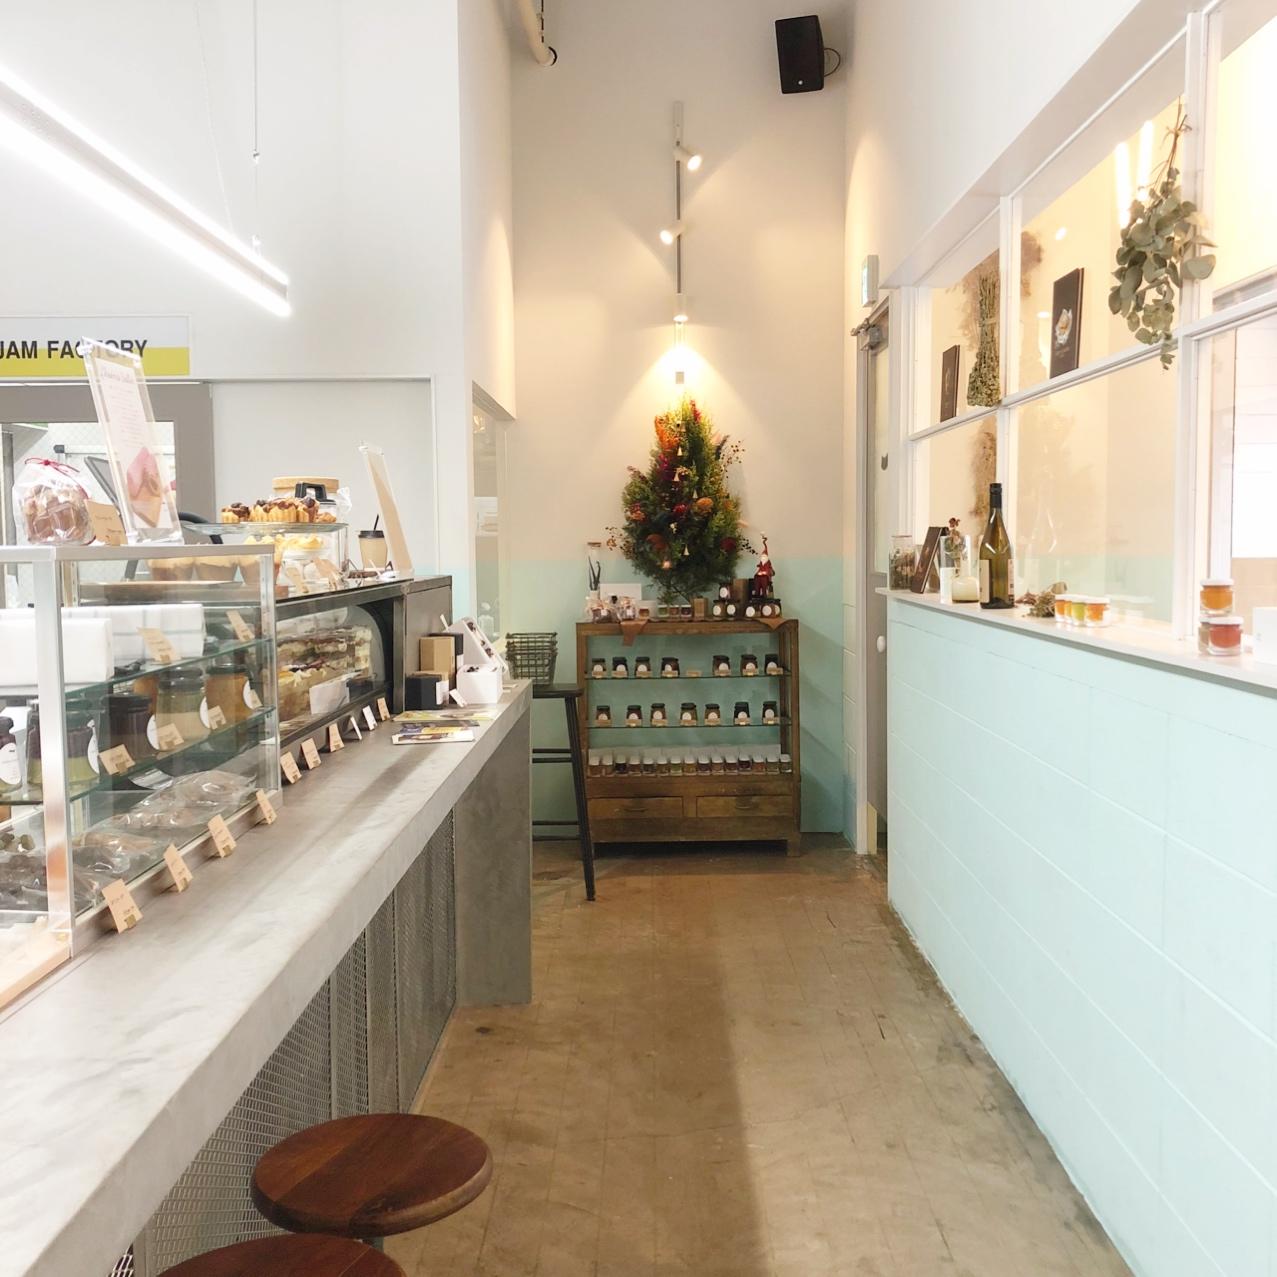 観光の休憩に立ち寄りたい!広島のおしゃれカフェ ♡『 you-ichi GLUE  』のおいしいジャムと焼き菓子♡ _2